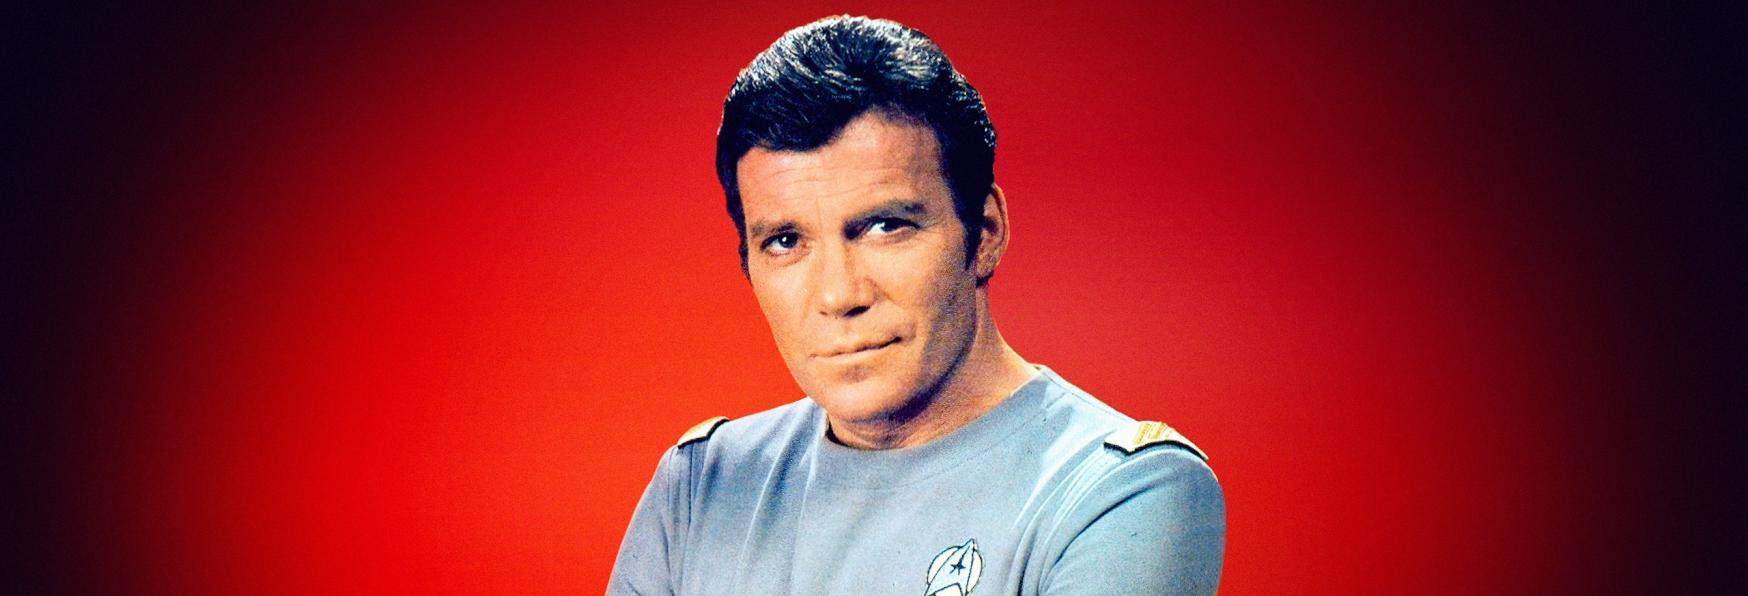 Star Trek: William Shatner aperto al Ritorno di Kirk (con Condizioni)